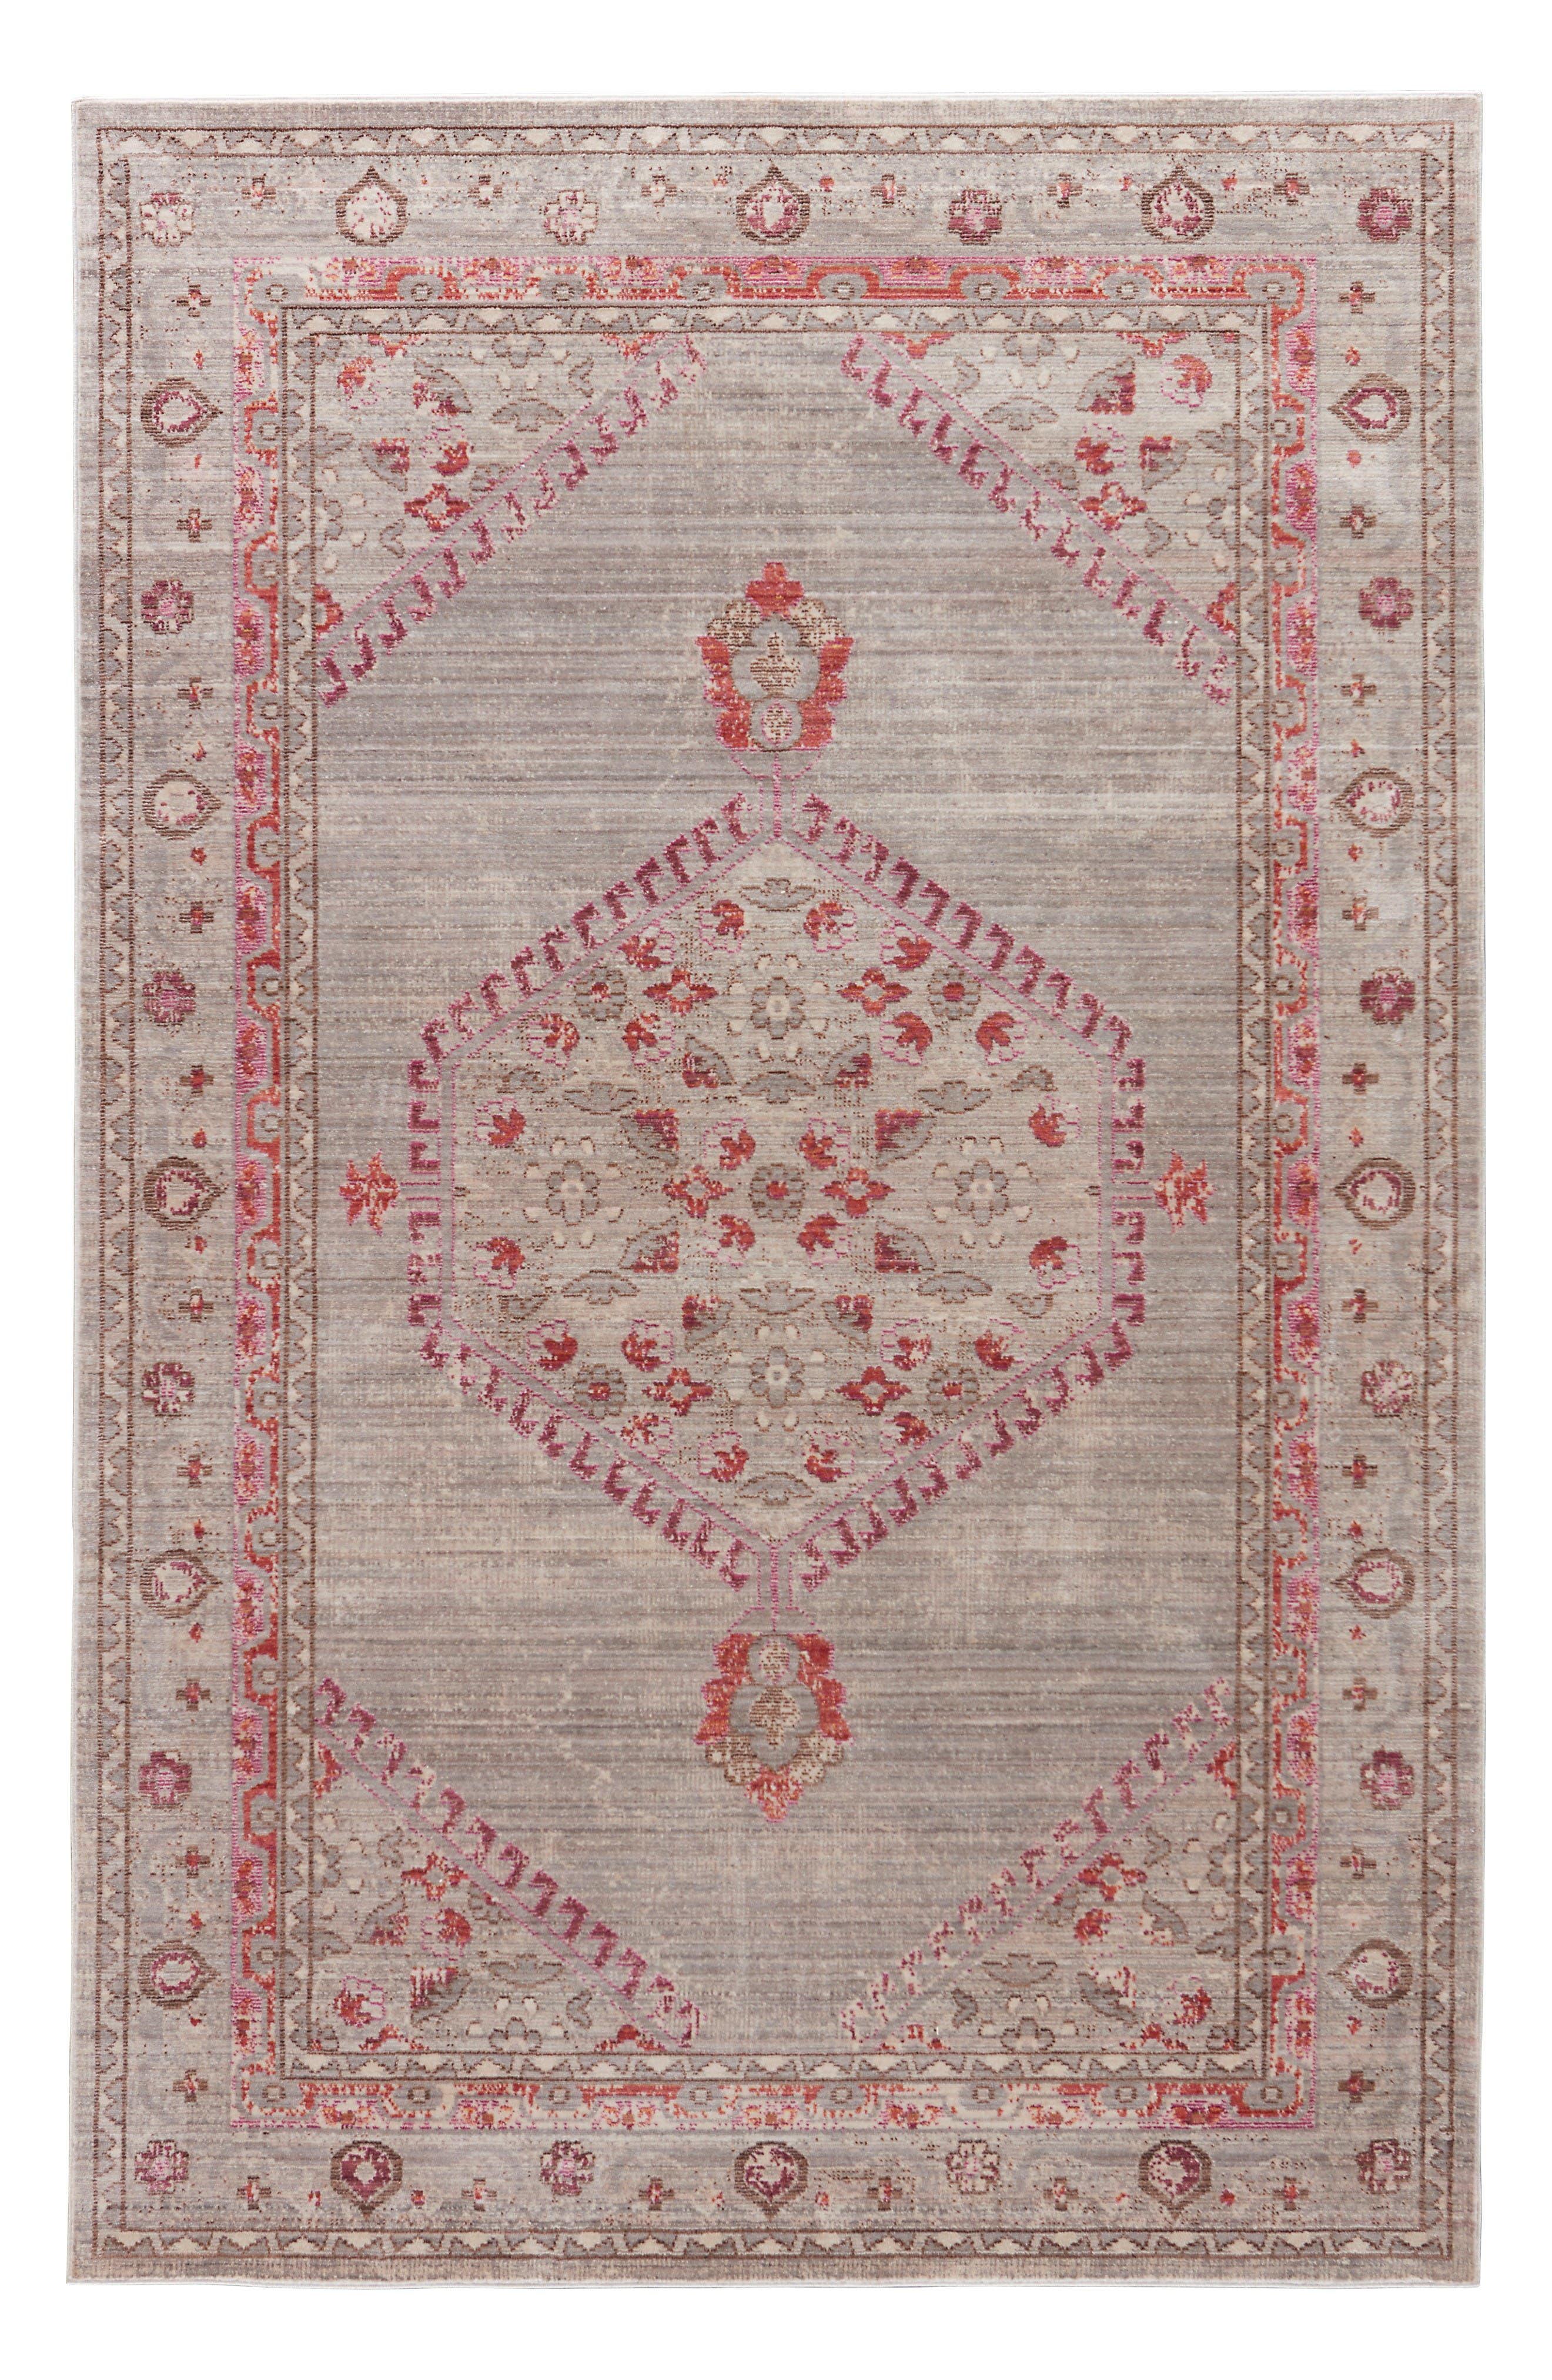 Contemporary Vintage Rug,                         Main,                         color, Pink/ Grey